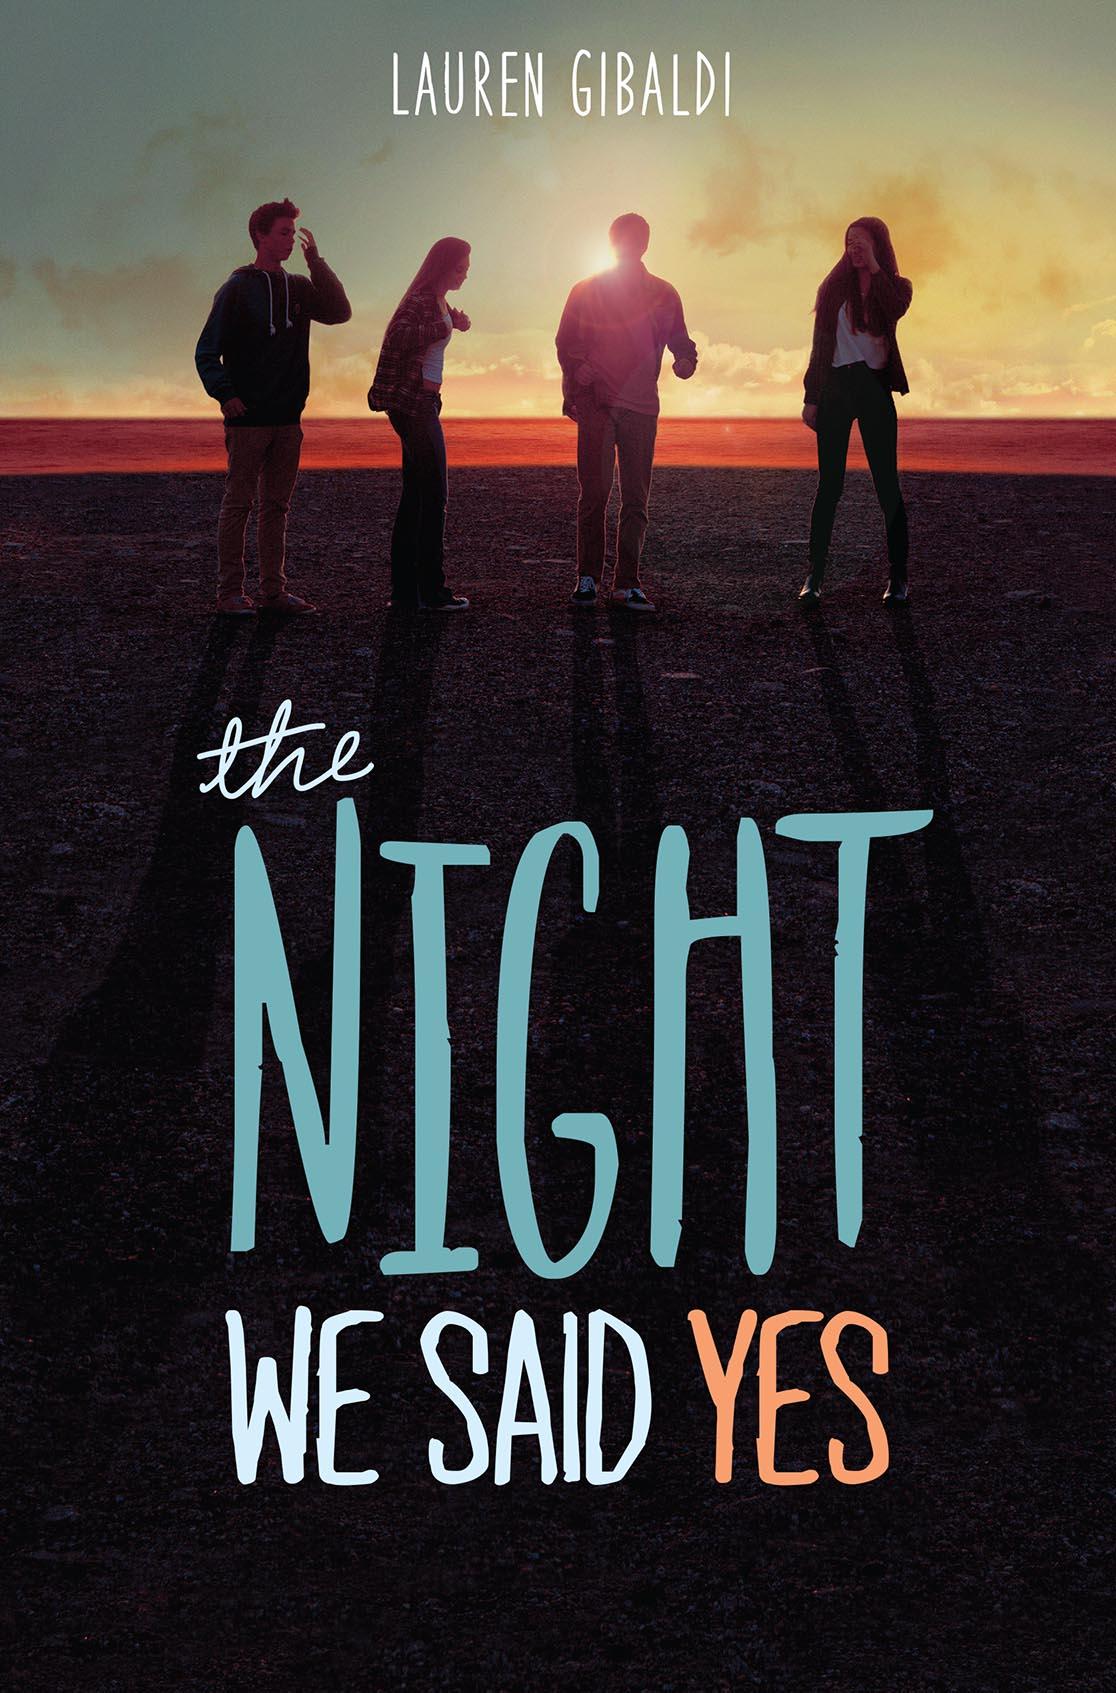 Resultado de imagen de The night we said yes - Lauren Gibaldi